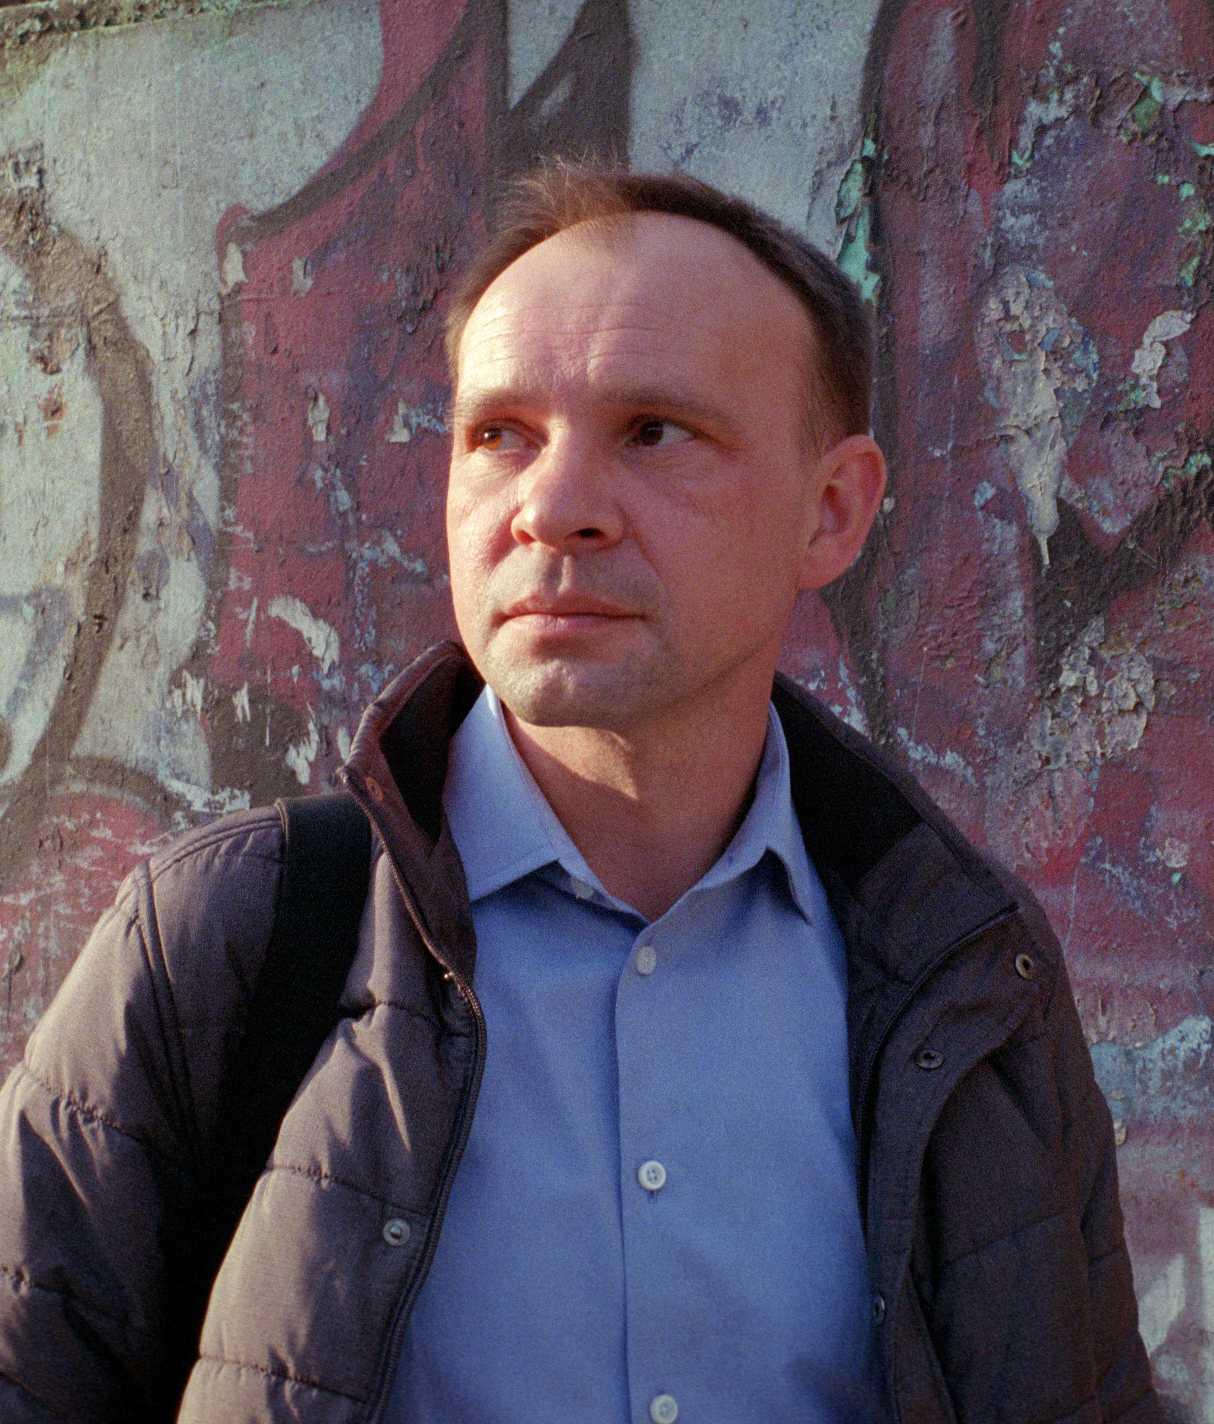 oleksiy skorbach - <b>Хороший виконавець для будь-якої влади:</b> що треба знати про Євгенія Єніна, який займеться реформуванням МВС - Заборона